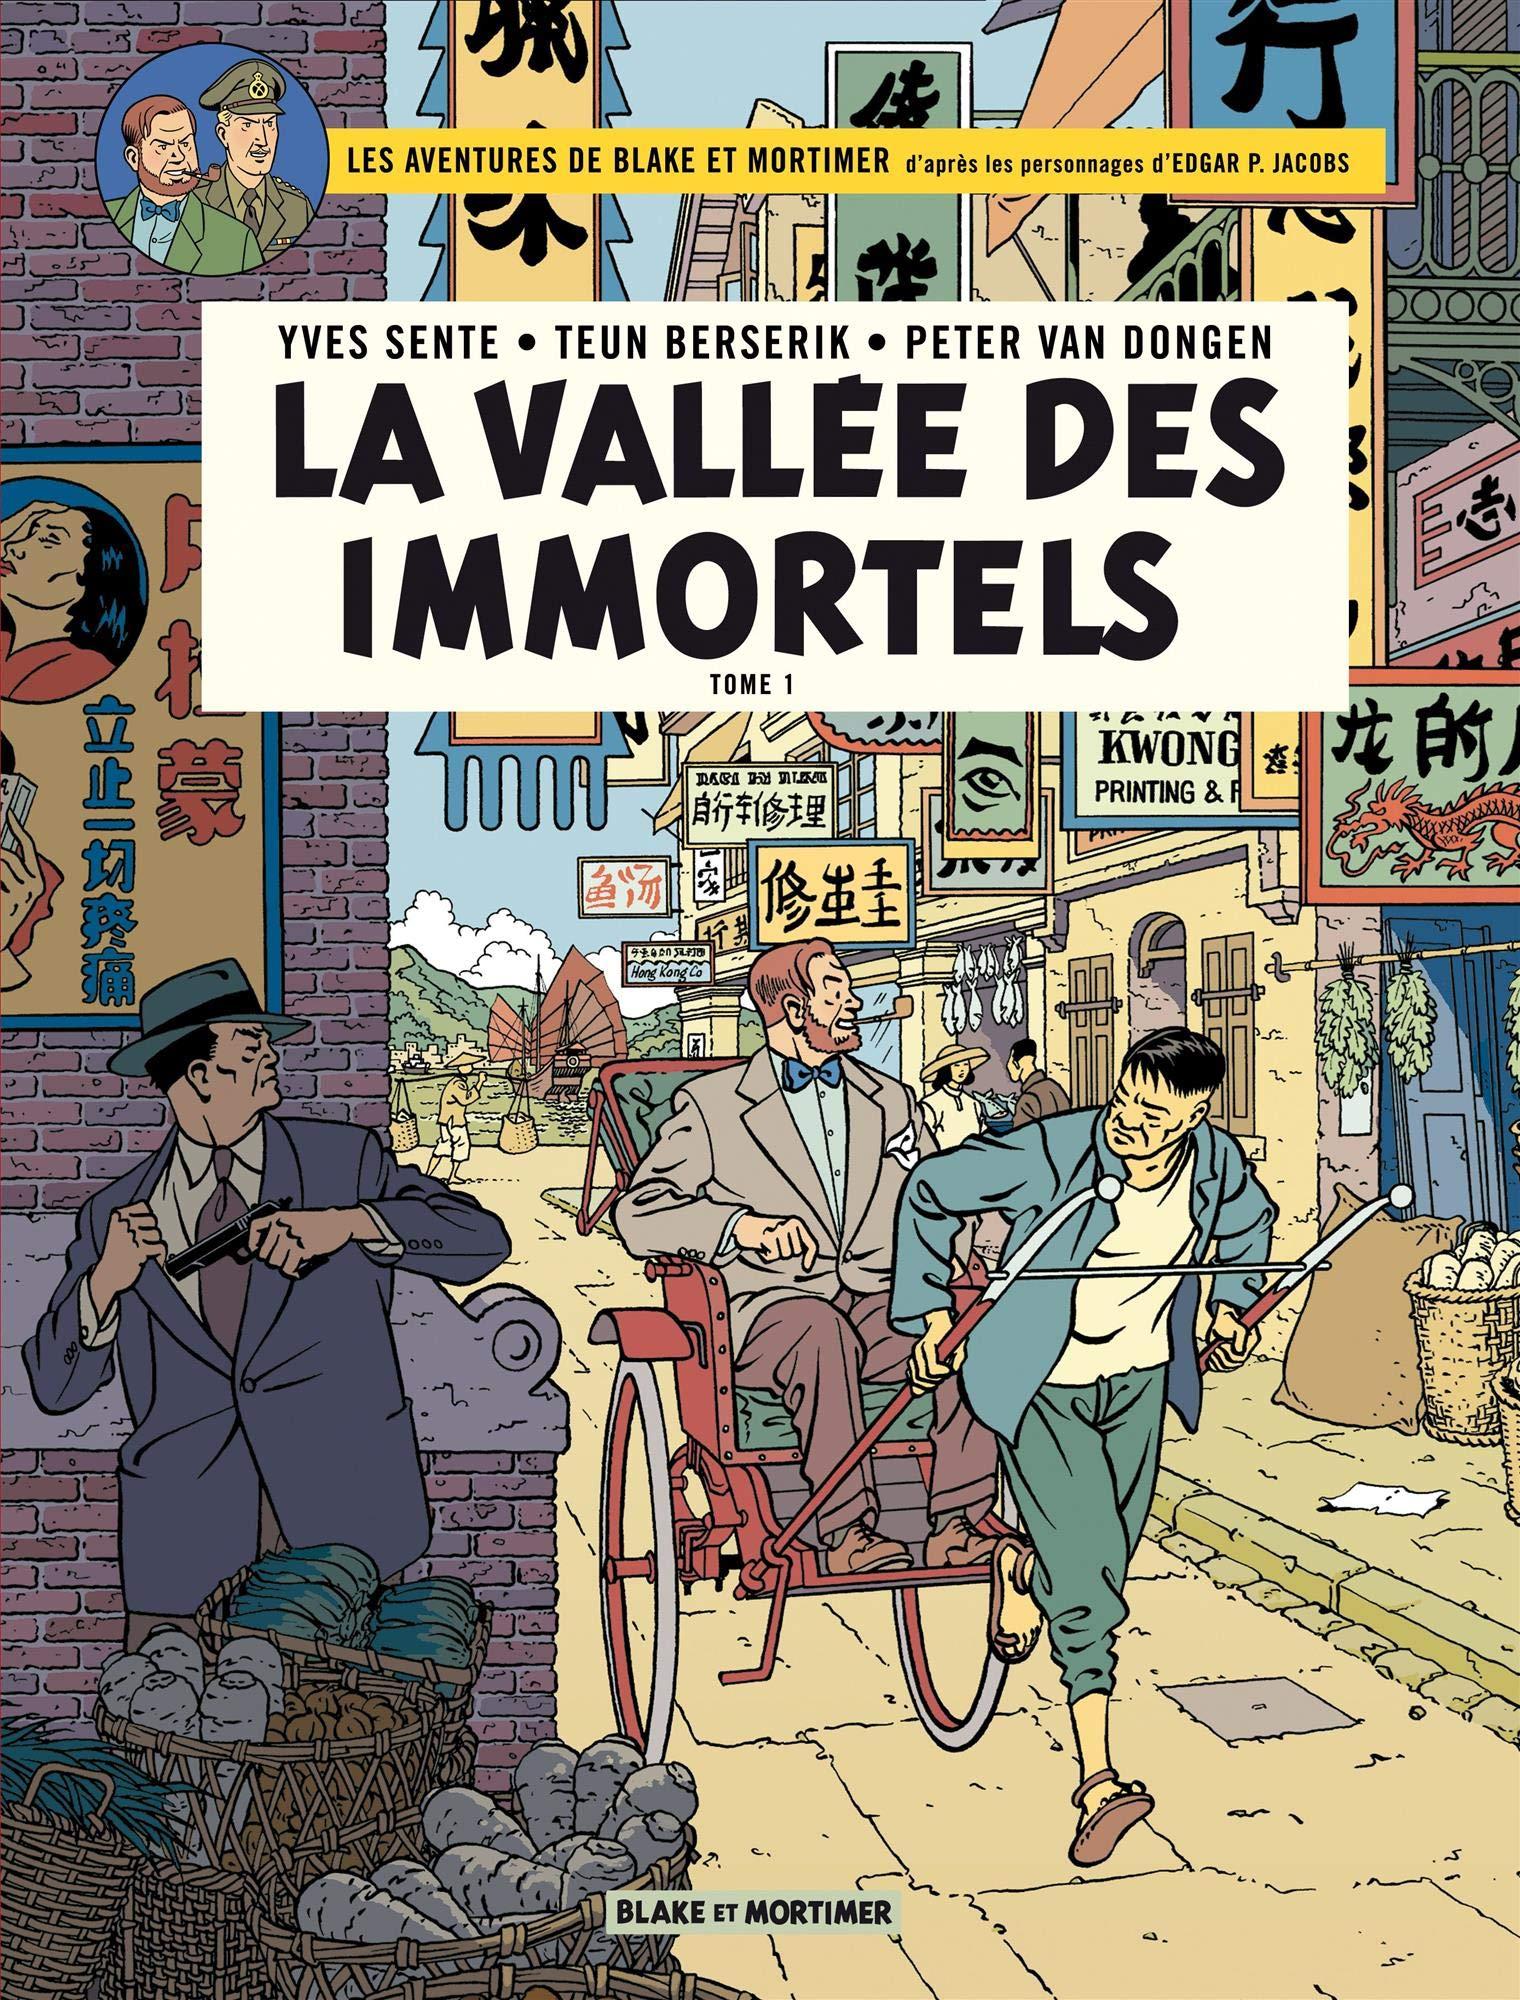 Blake et Mortimer: La Vallée des Immortels